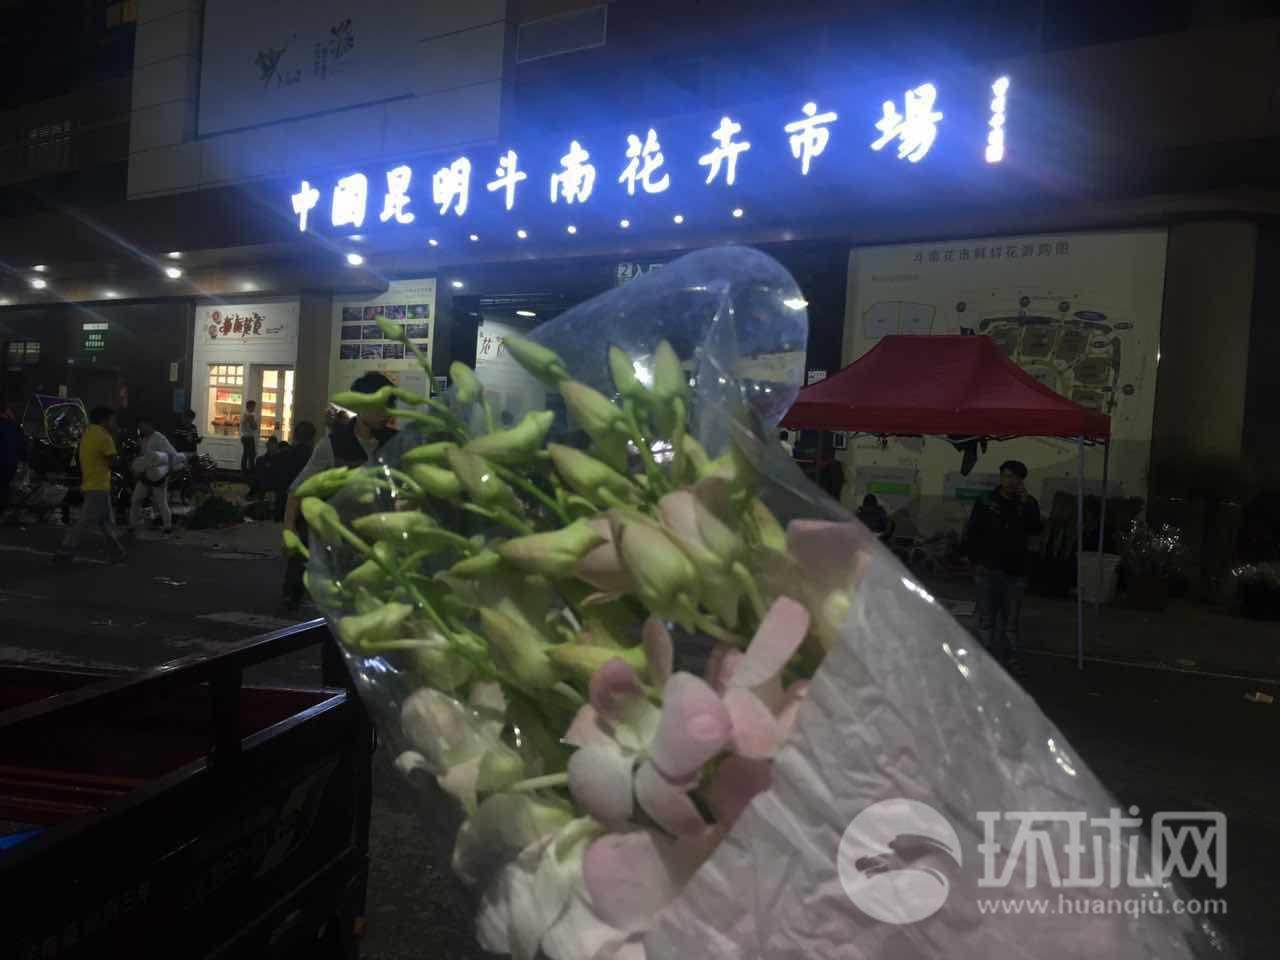 【共舞长江经济带】亚洲最大鲜切花市场人头攒动 探访团夜观万花交易盛况